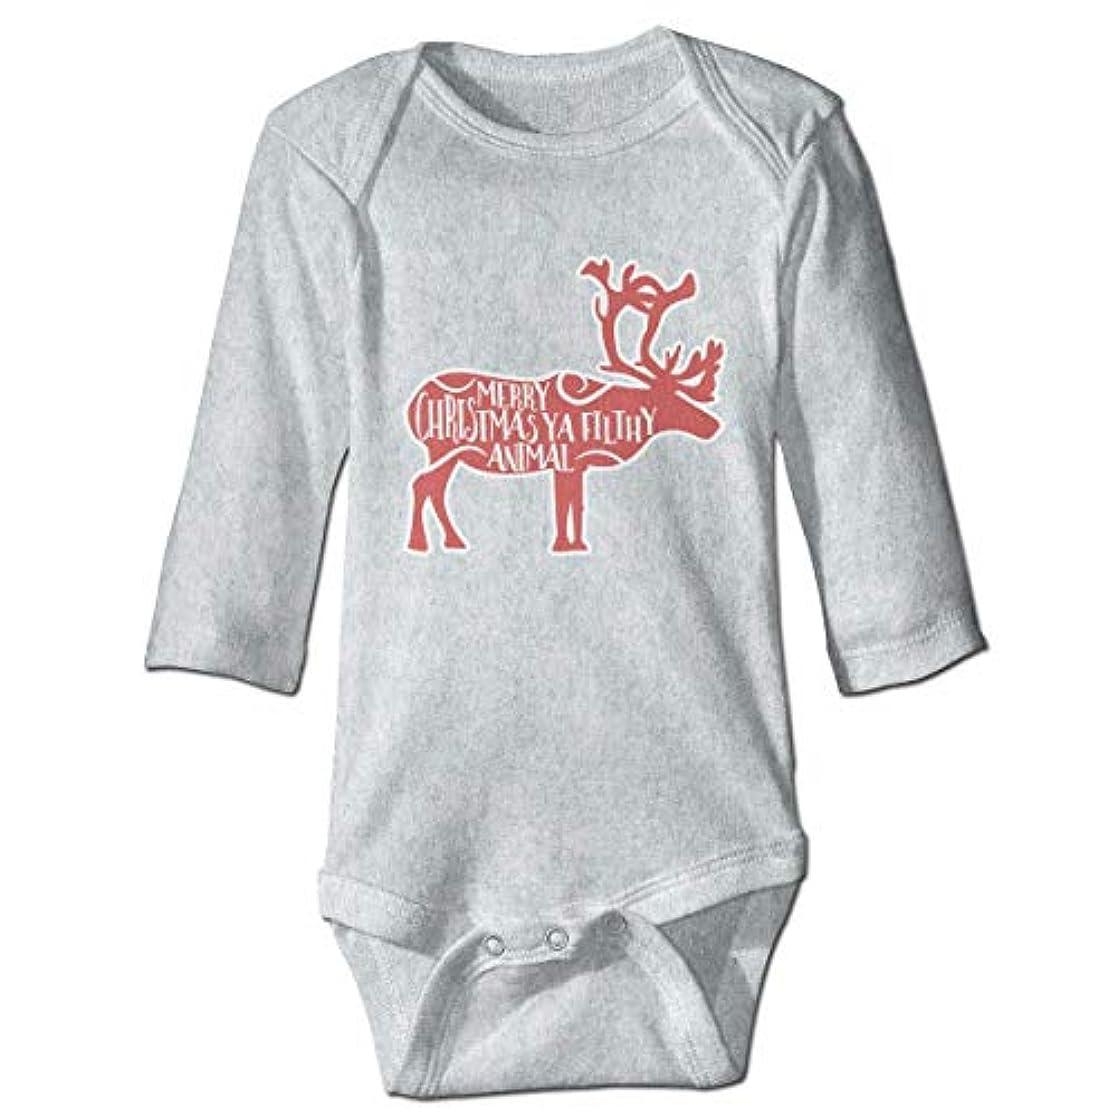 損失計算政治家のメリークリスマスや不潔な動物赤ちゃんボディスーツファッションワンシーコットン衣装コスチューム、12 M